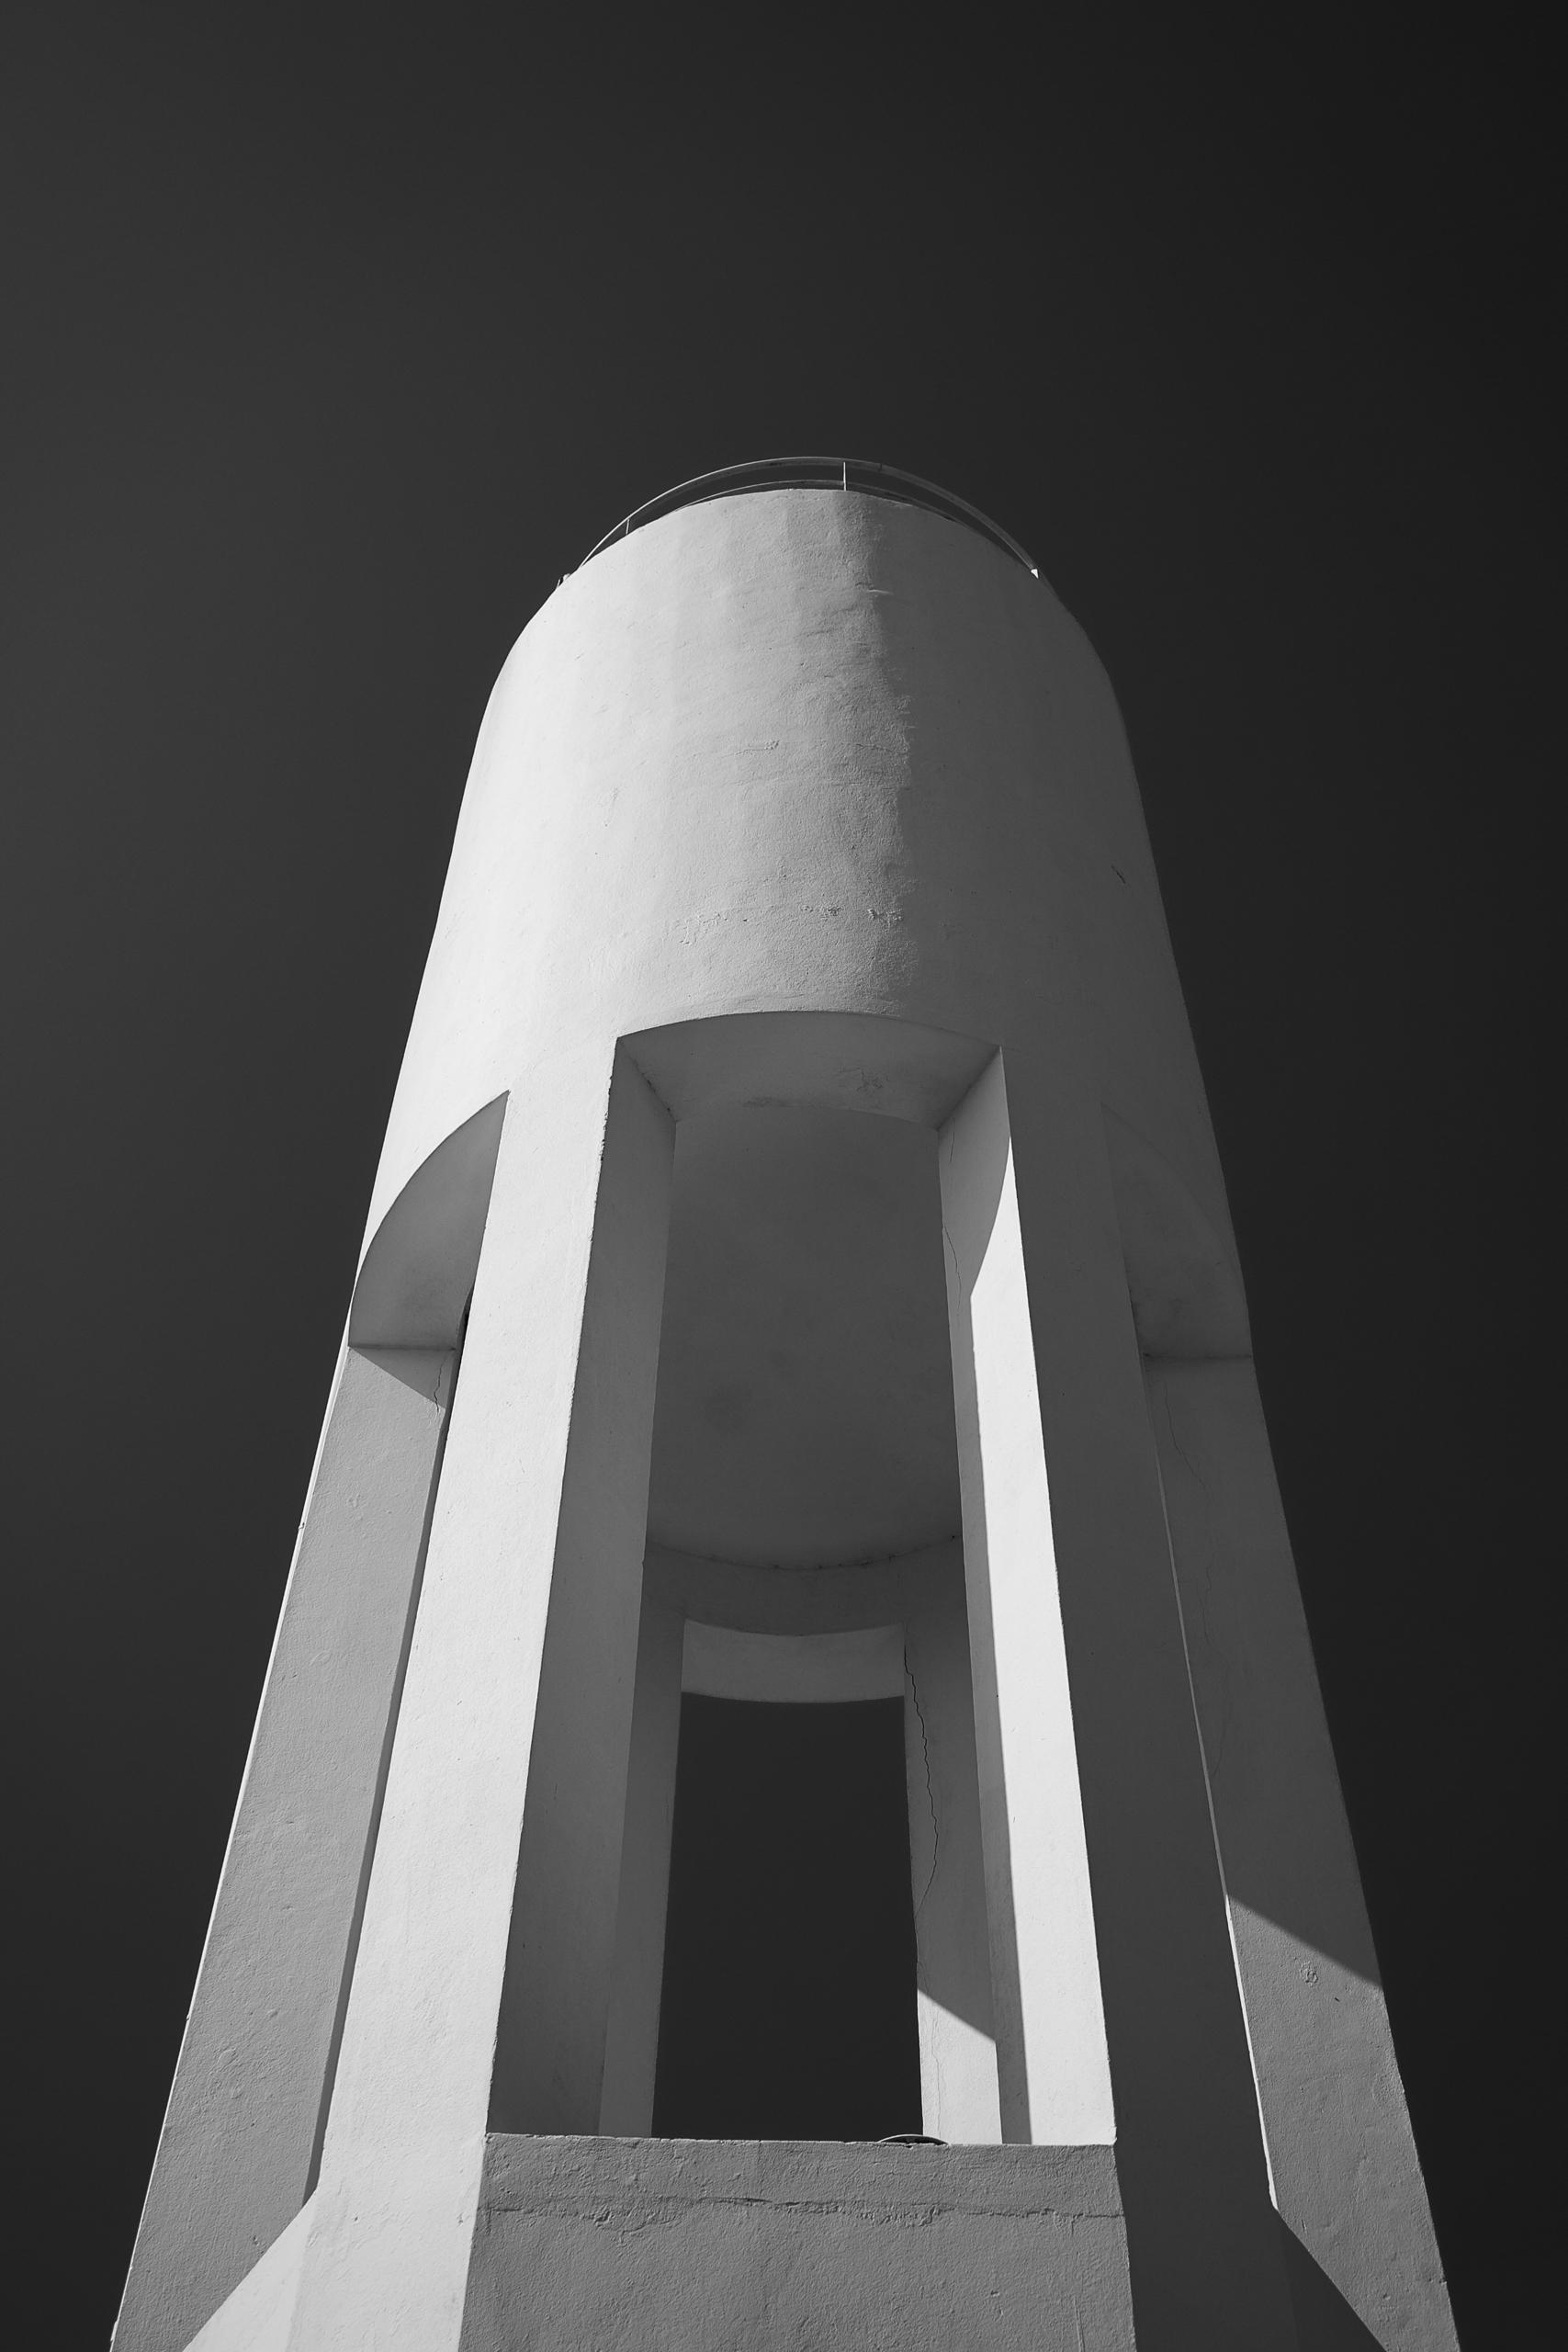 architecture - kanesmith | ello